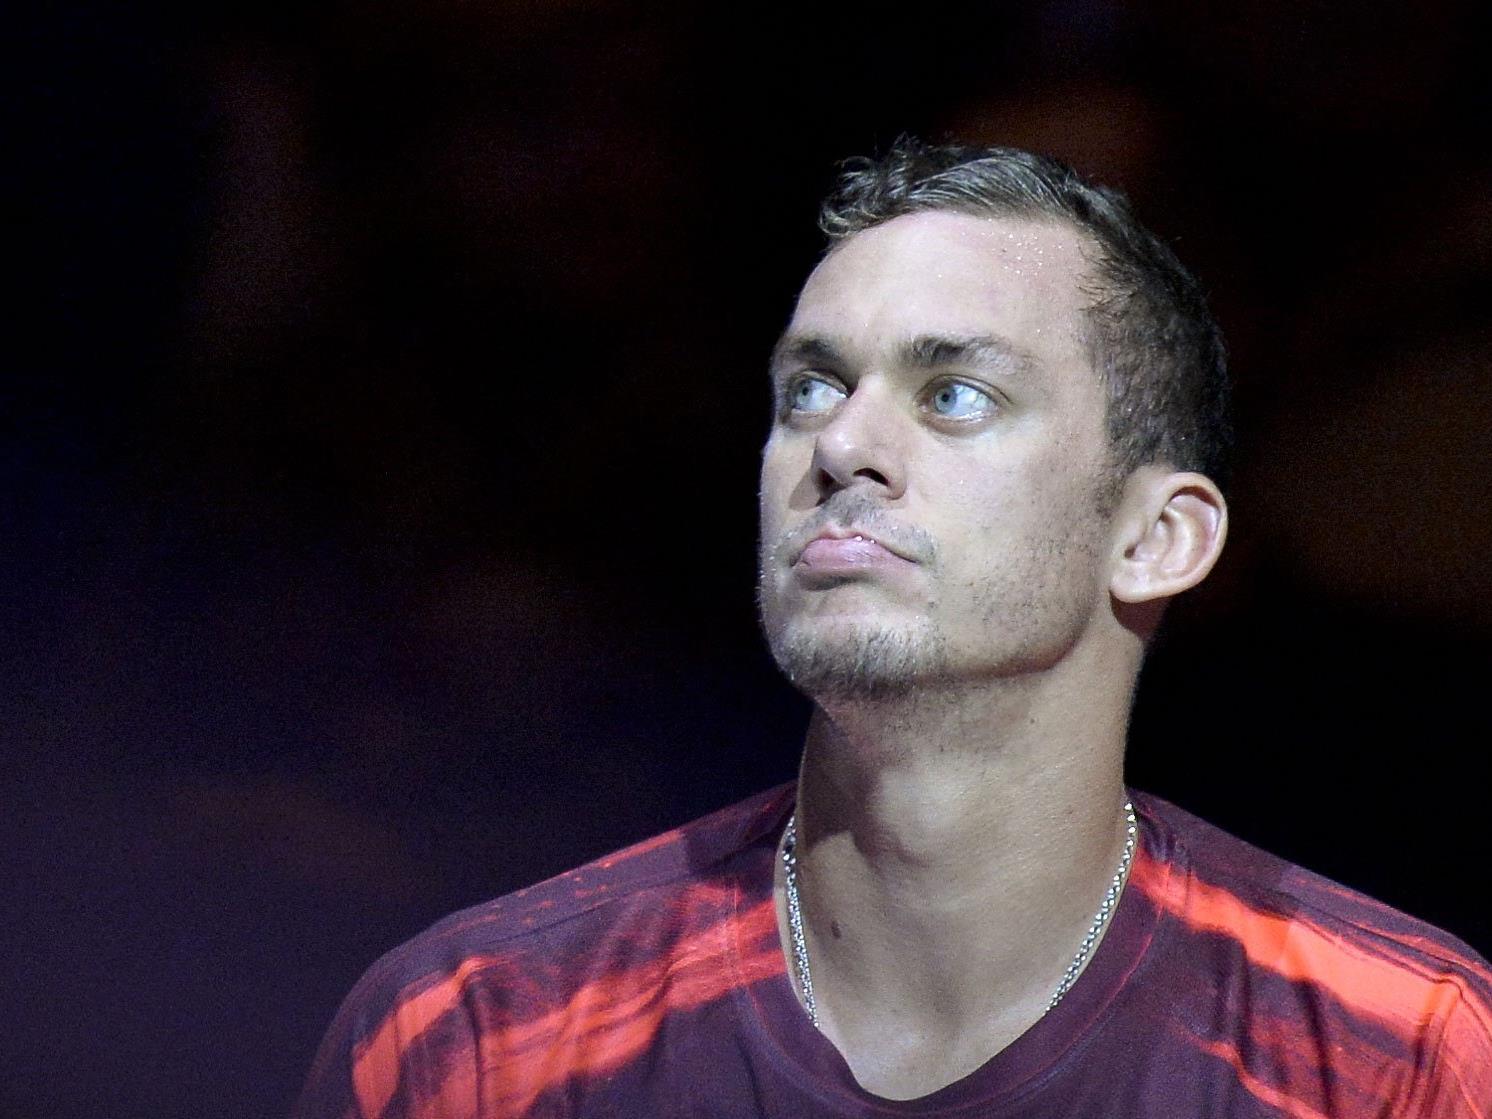 Tennisspieler Andreas Haider-Maurer muss weiter pausieren.